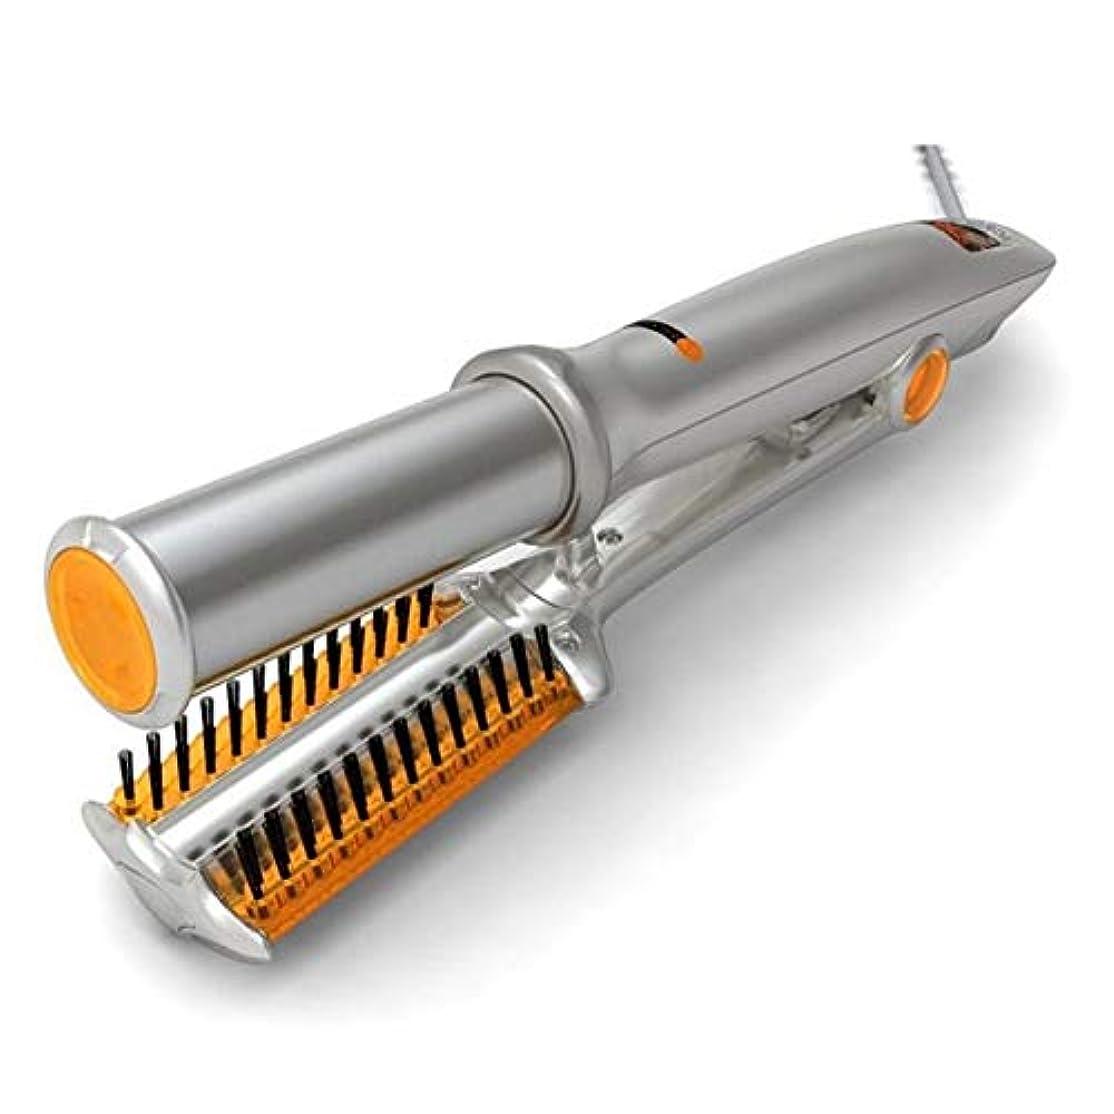 執着細菌プットZHILI 理髪用具をカールし、まっすぐにする毛のストレートナ